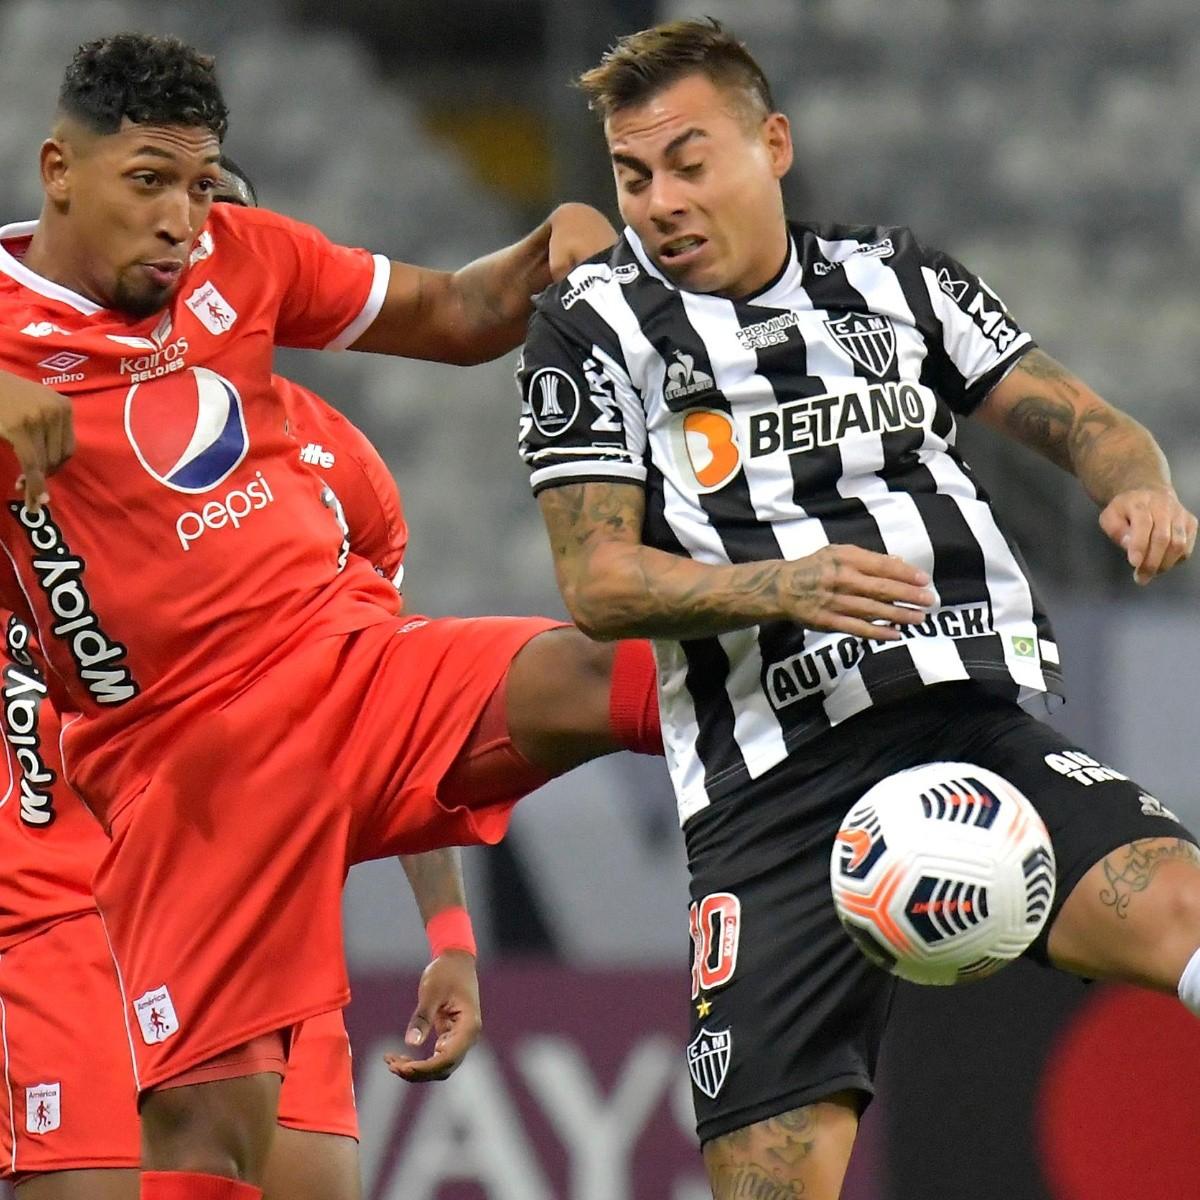 Atlético Mineiro vs América de Cali | RESUMEN, RESULTADO y GOLES del  partido de Eduardo Vargas en Copa Libertadores | RedGol